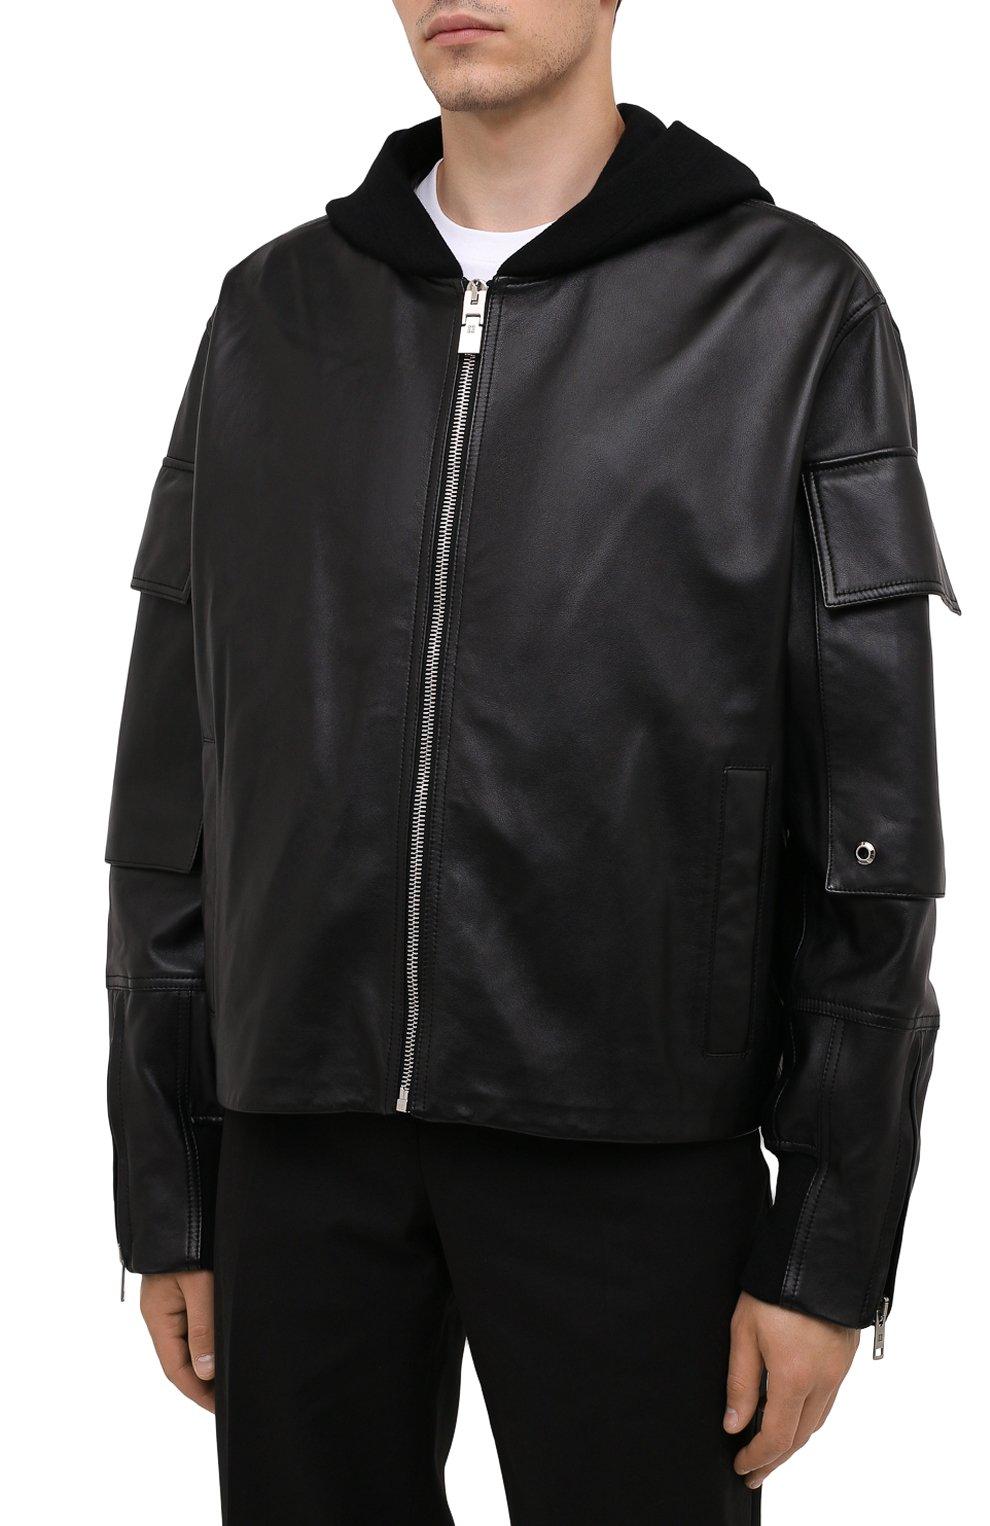 Мужская кожаная куртка GIVENCHY черного цвета, арт. BM00QP6003   Фото 3 (Кросс-КТ: Куртка; Рукава: Длинные; Стили: Панк; Мужское Кросс-КТ: Кожа и замша; Длина (верхняя одежда): Короткие; Материал подклада: Купро)